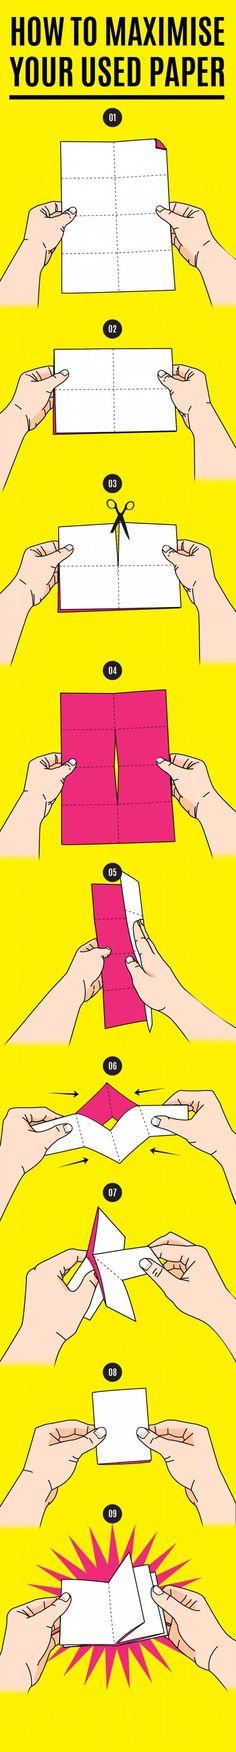 mini carnet dans une feuille (tutoriel gratuit - DIY) - tutolibre